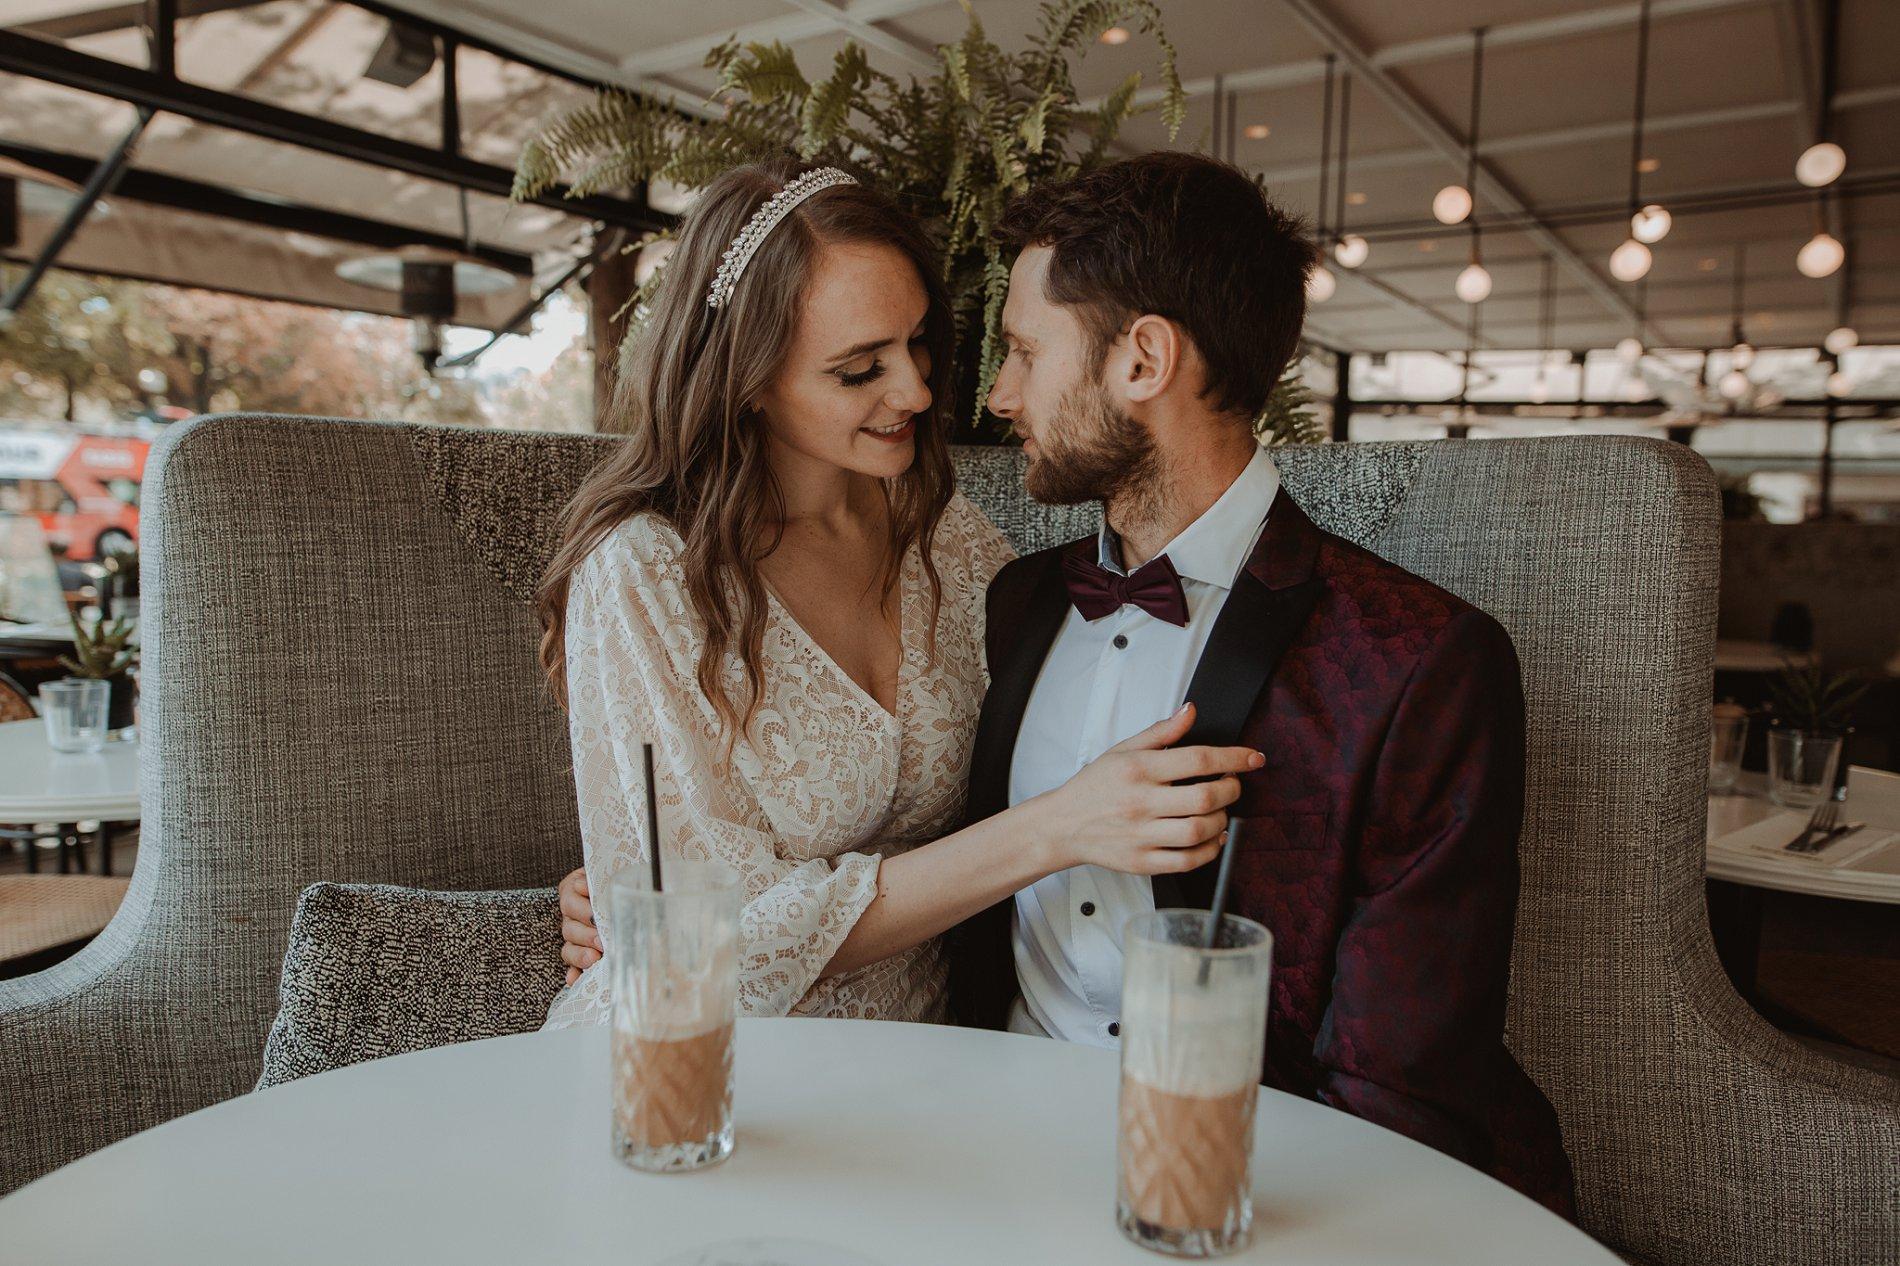 Miss He Bridal Romantic Paris Elopement (c) Xanthe Rowland Photography (15)